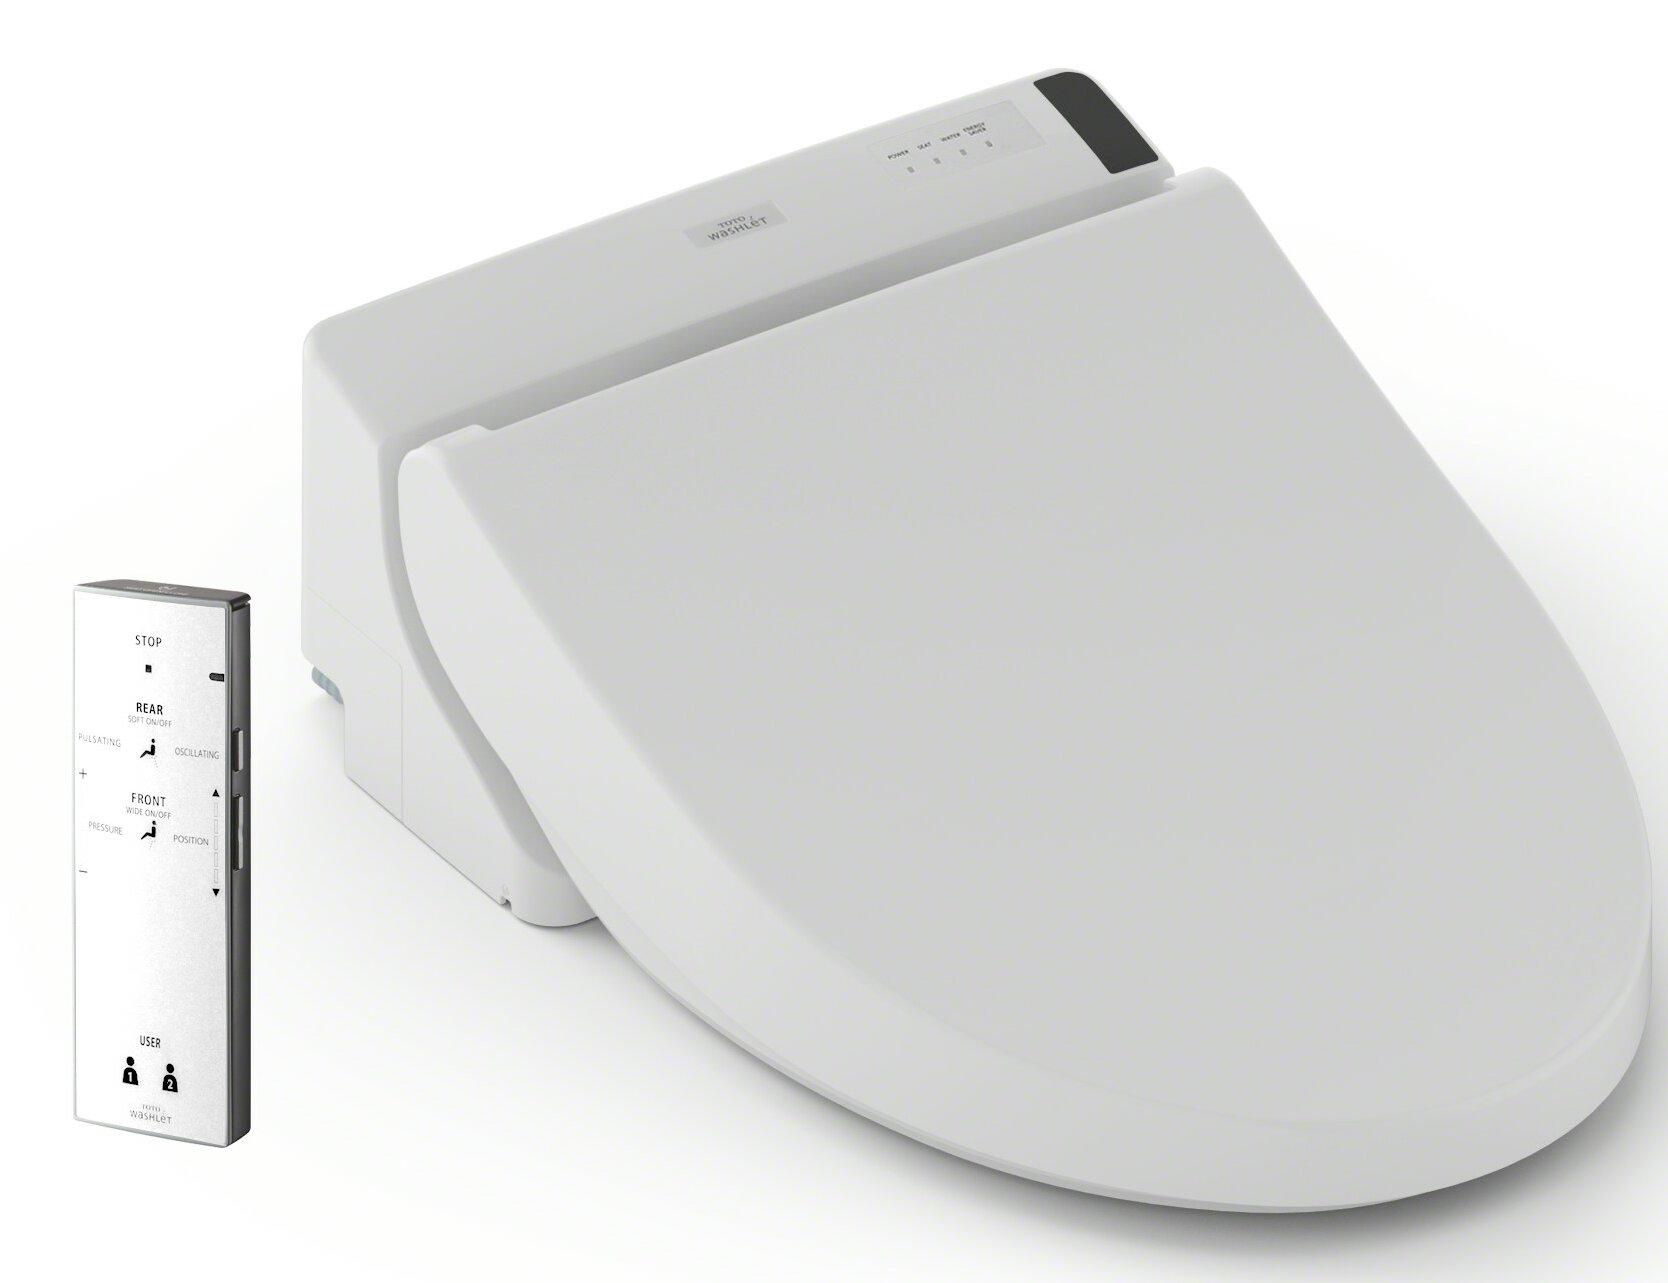 toto washlet a200 elongated toilet seat bidet ebay. Black Bedroom Furniture Sets. Home Design Ideas